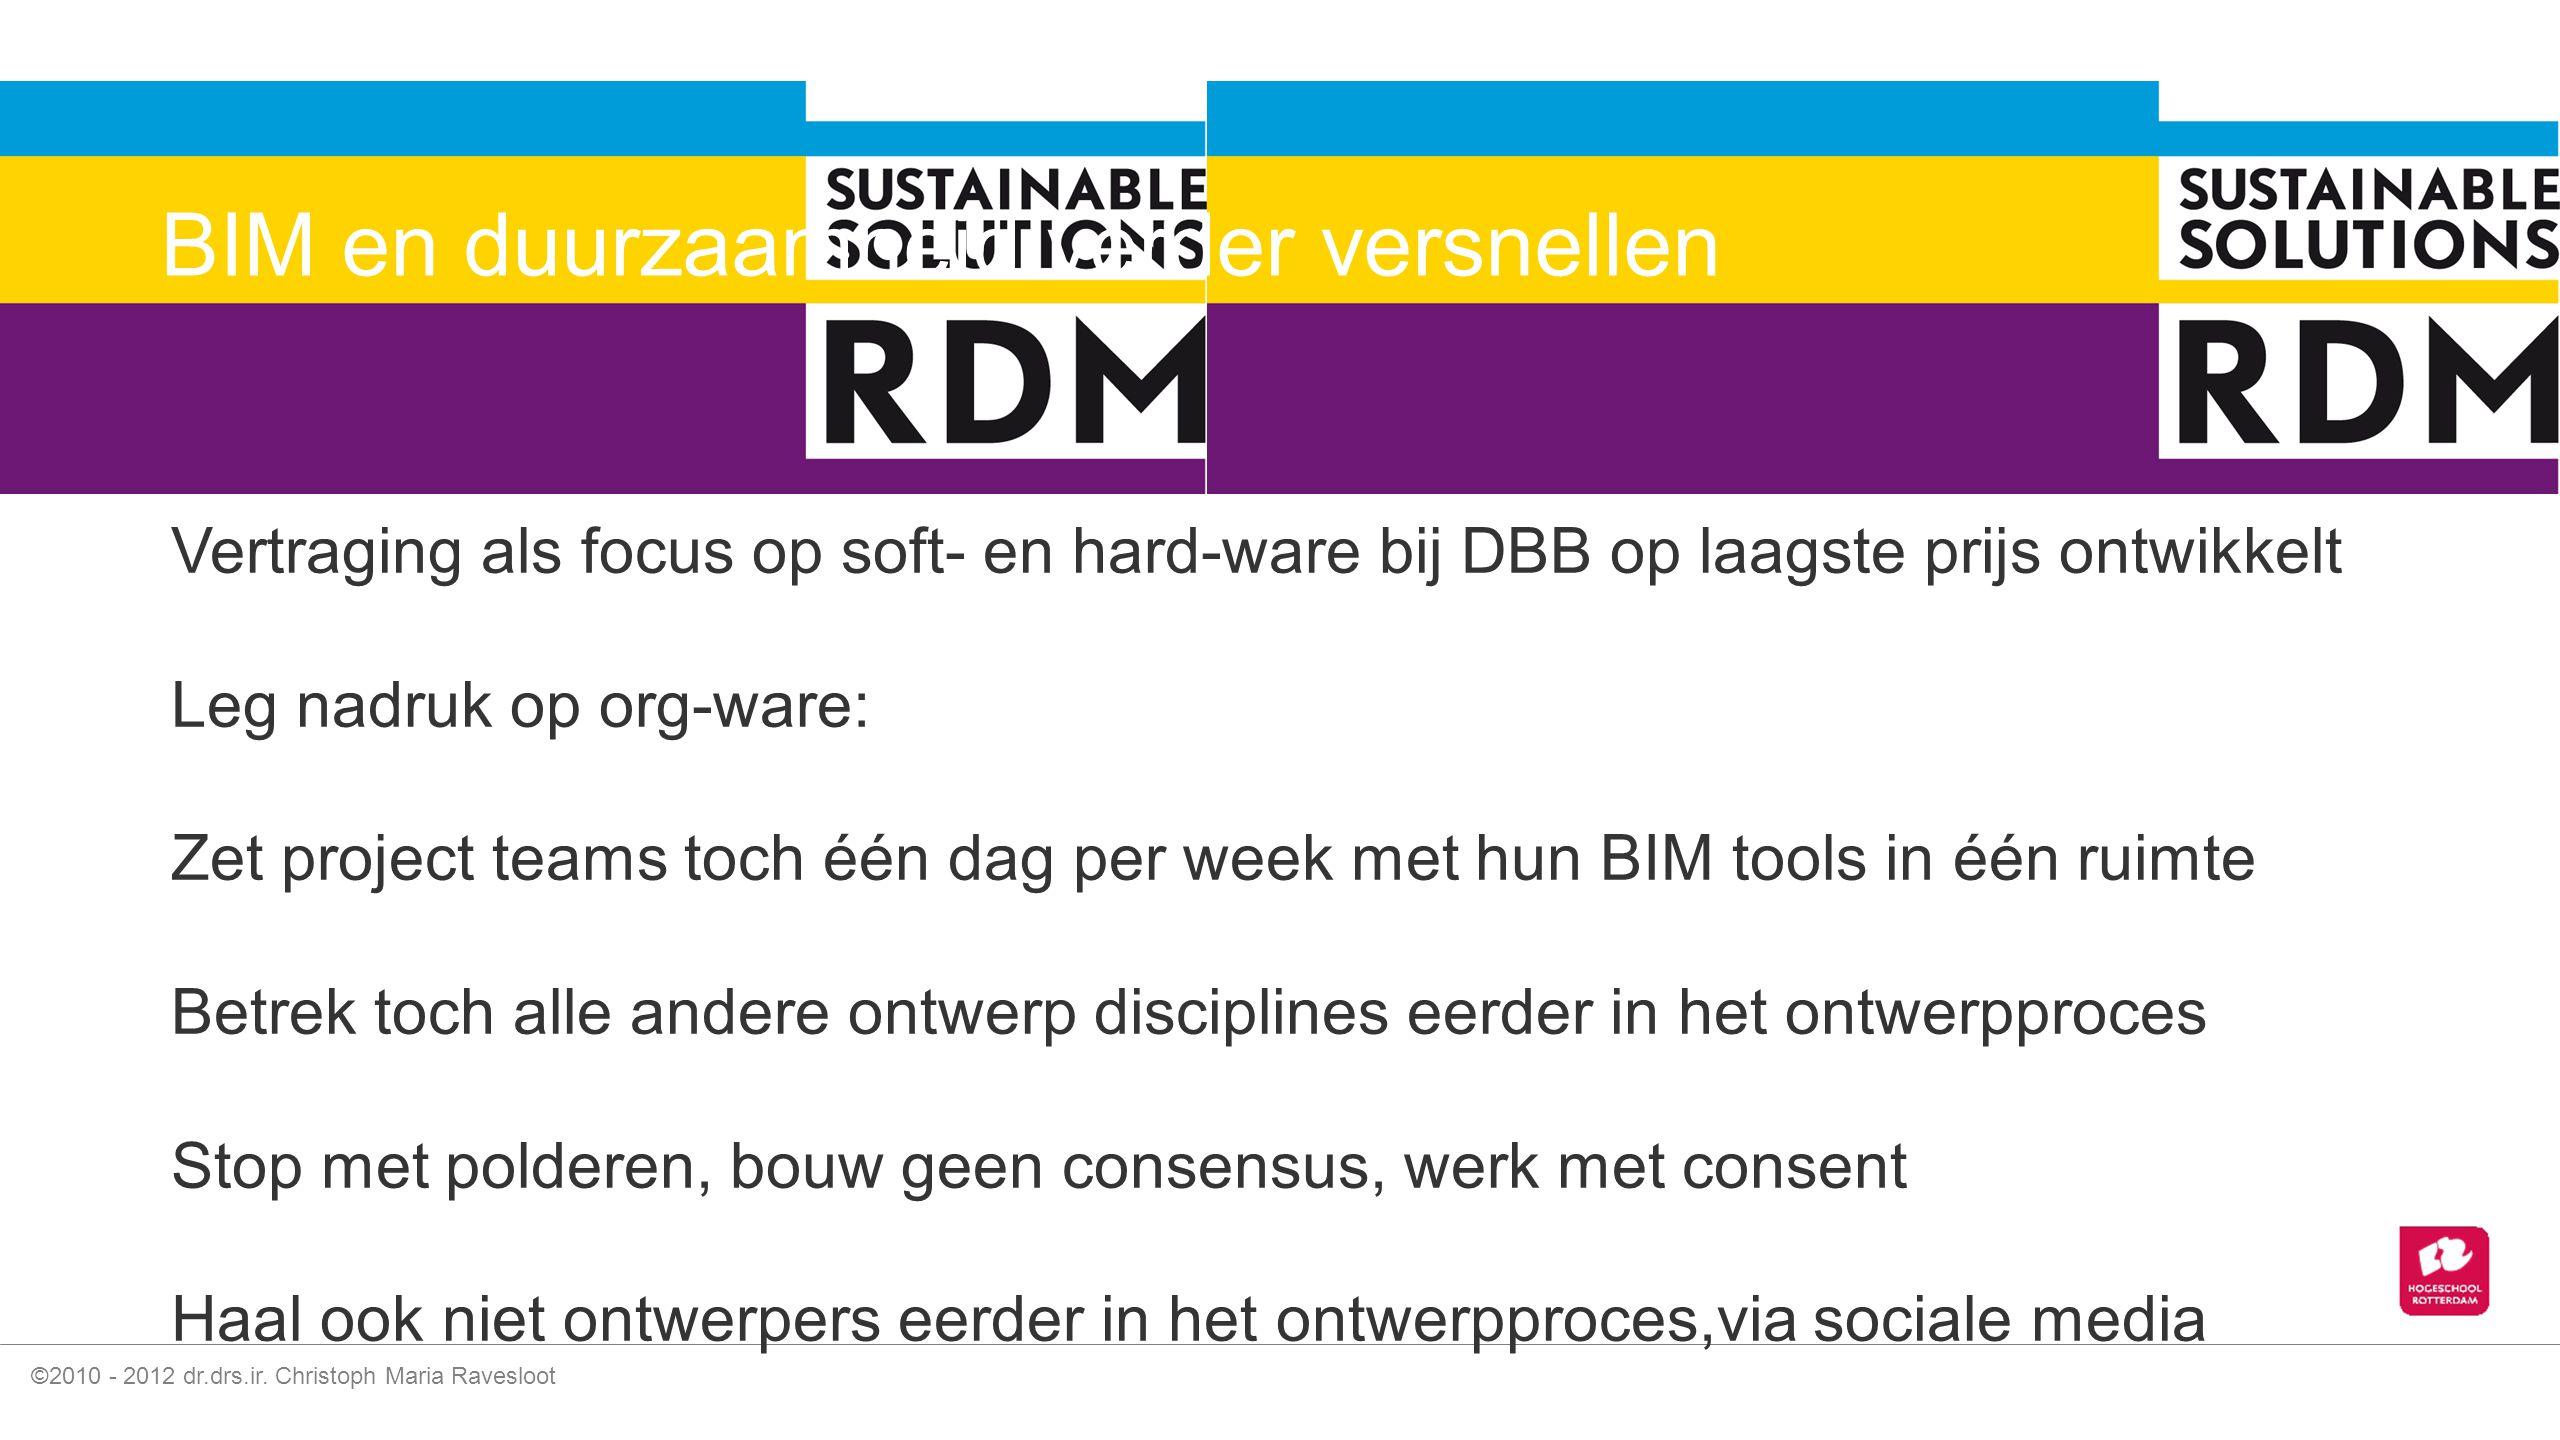 BIM en duurzaamheid verder versnellen